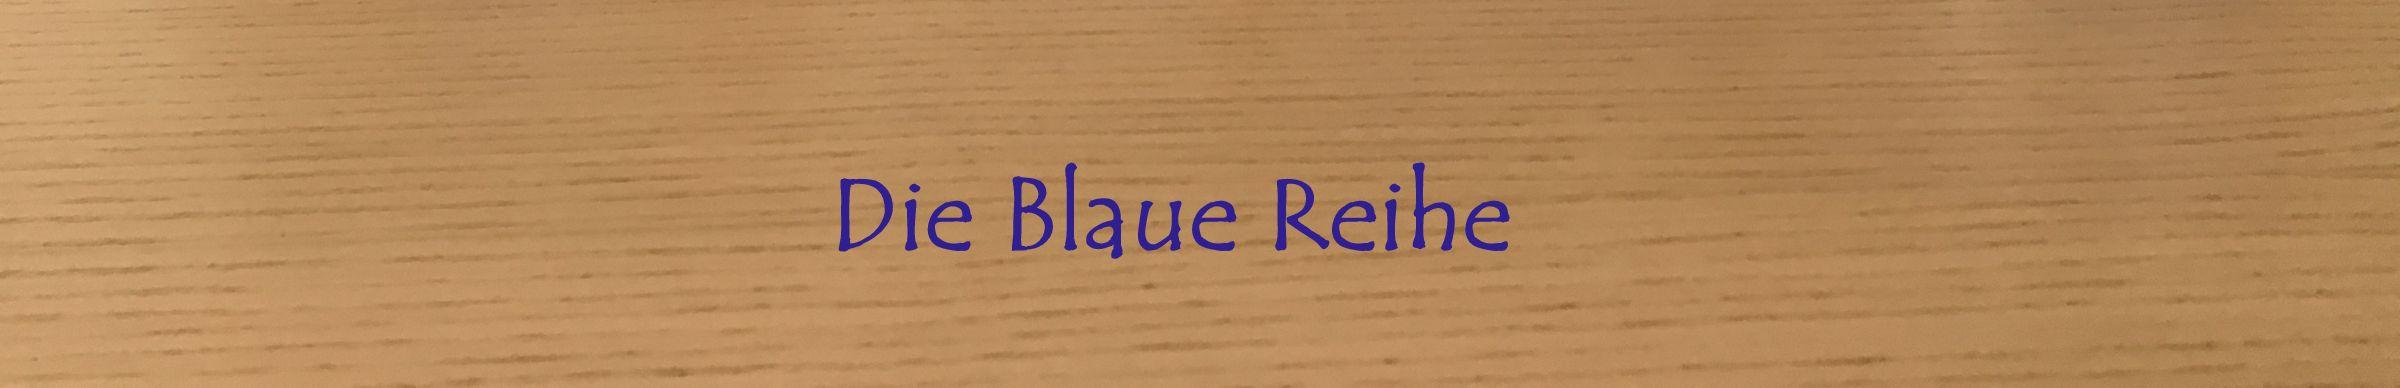 Die blaue Reihe